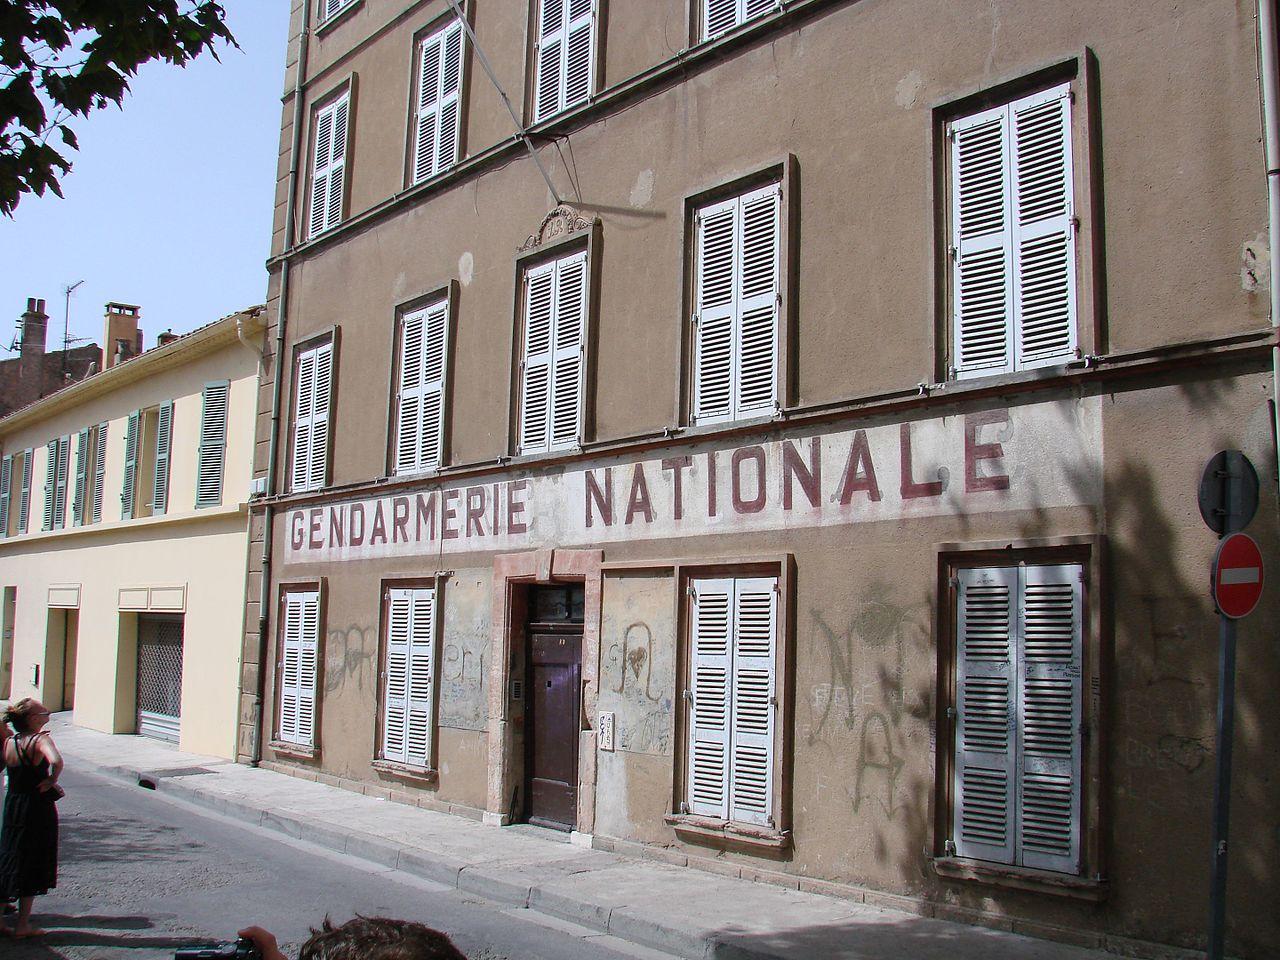 Gendarmerie Nationale, Saint-Tropez, France